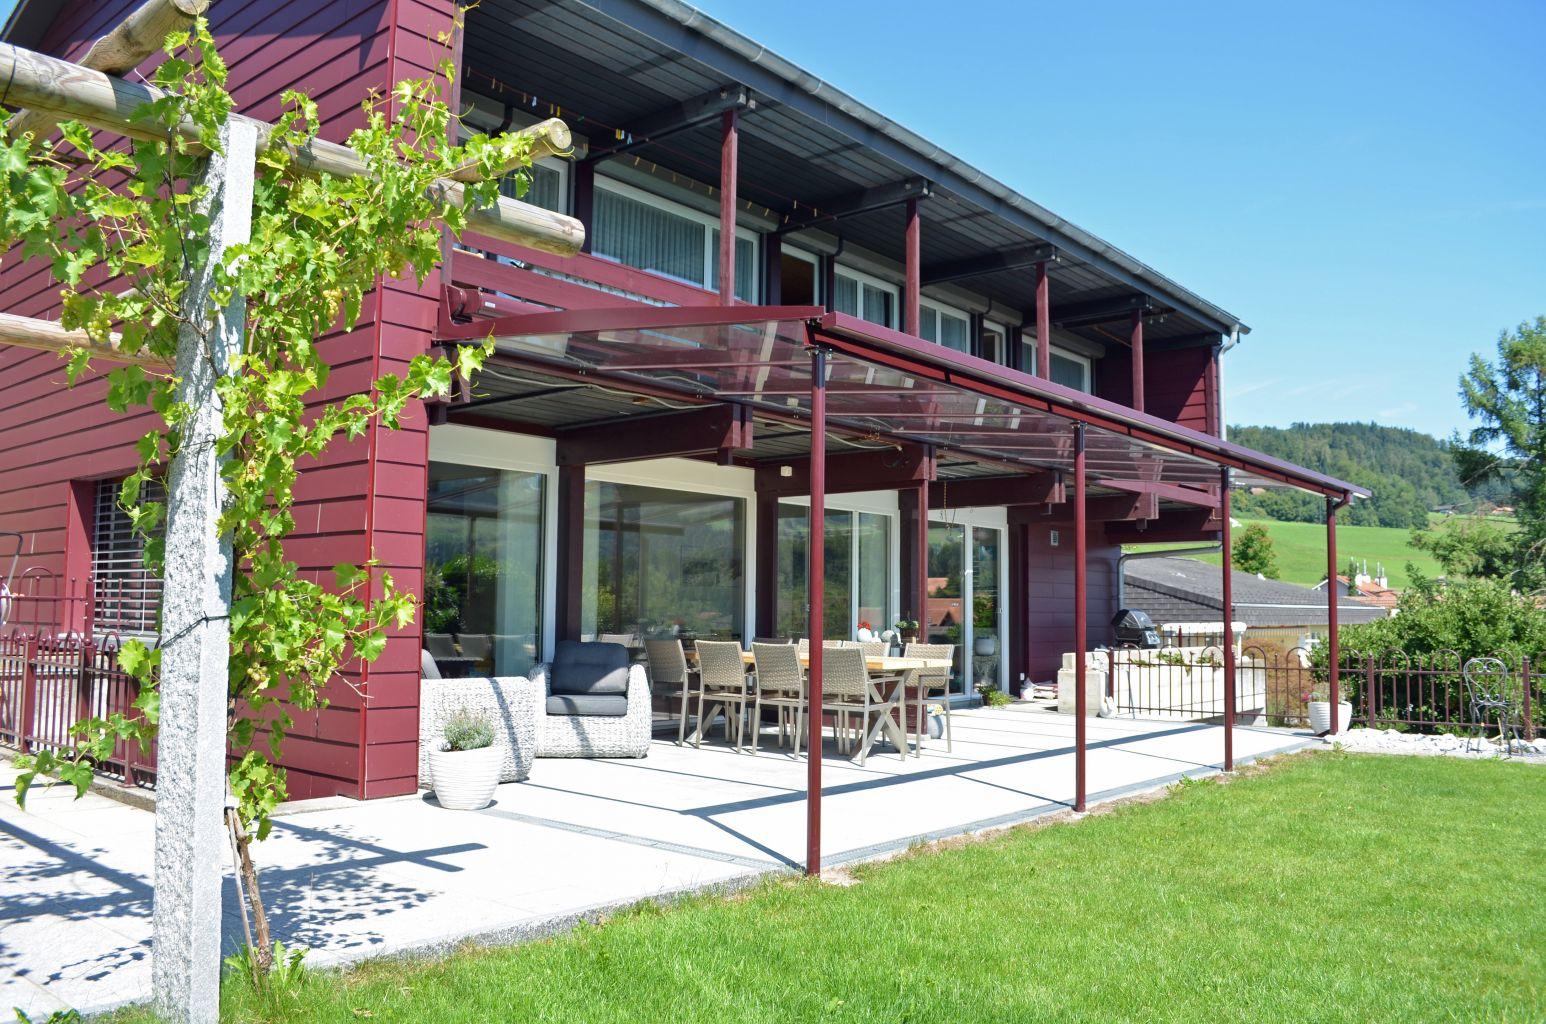 glasdach terrasse fr glasdach terrasse gartenhaus atgart eins dormagen kleine grten fr glasdach. Black Bedroom Furniture Sets. Home Design Ideas